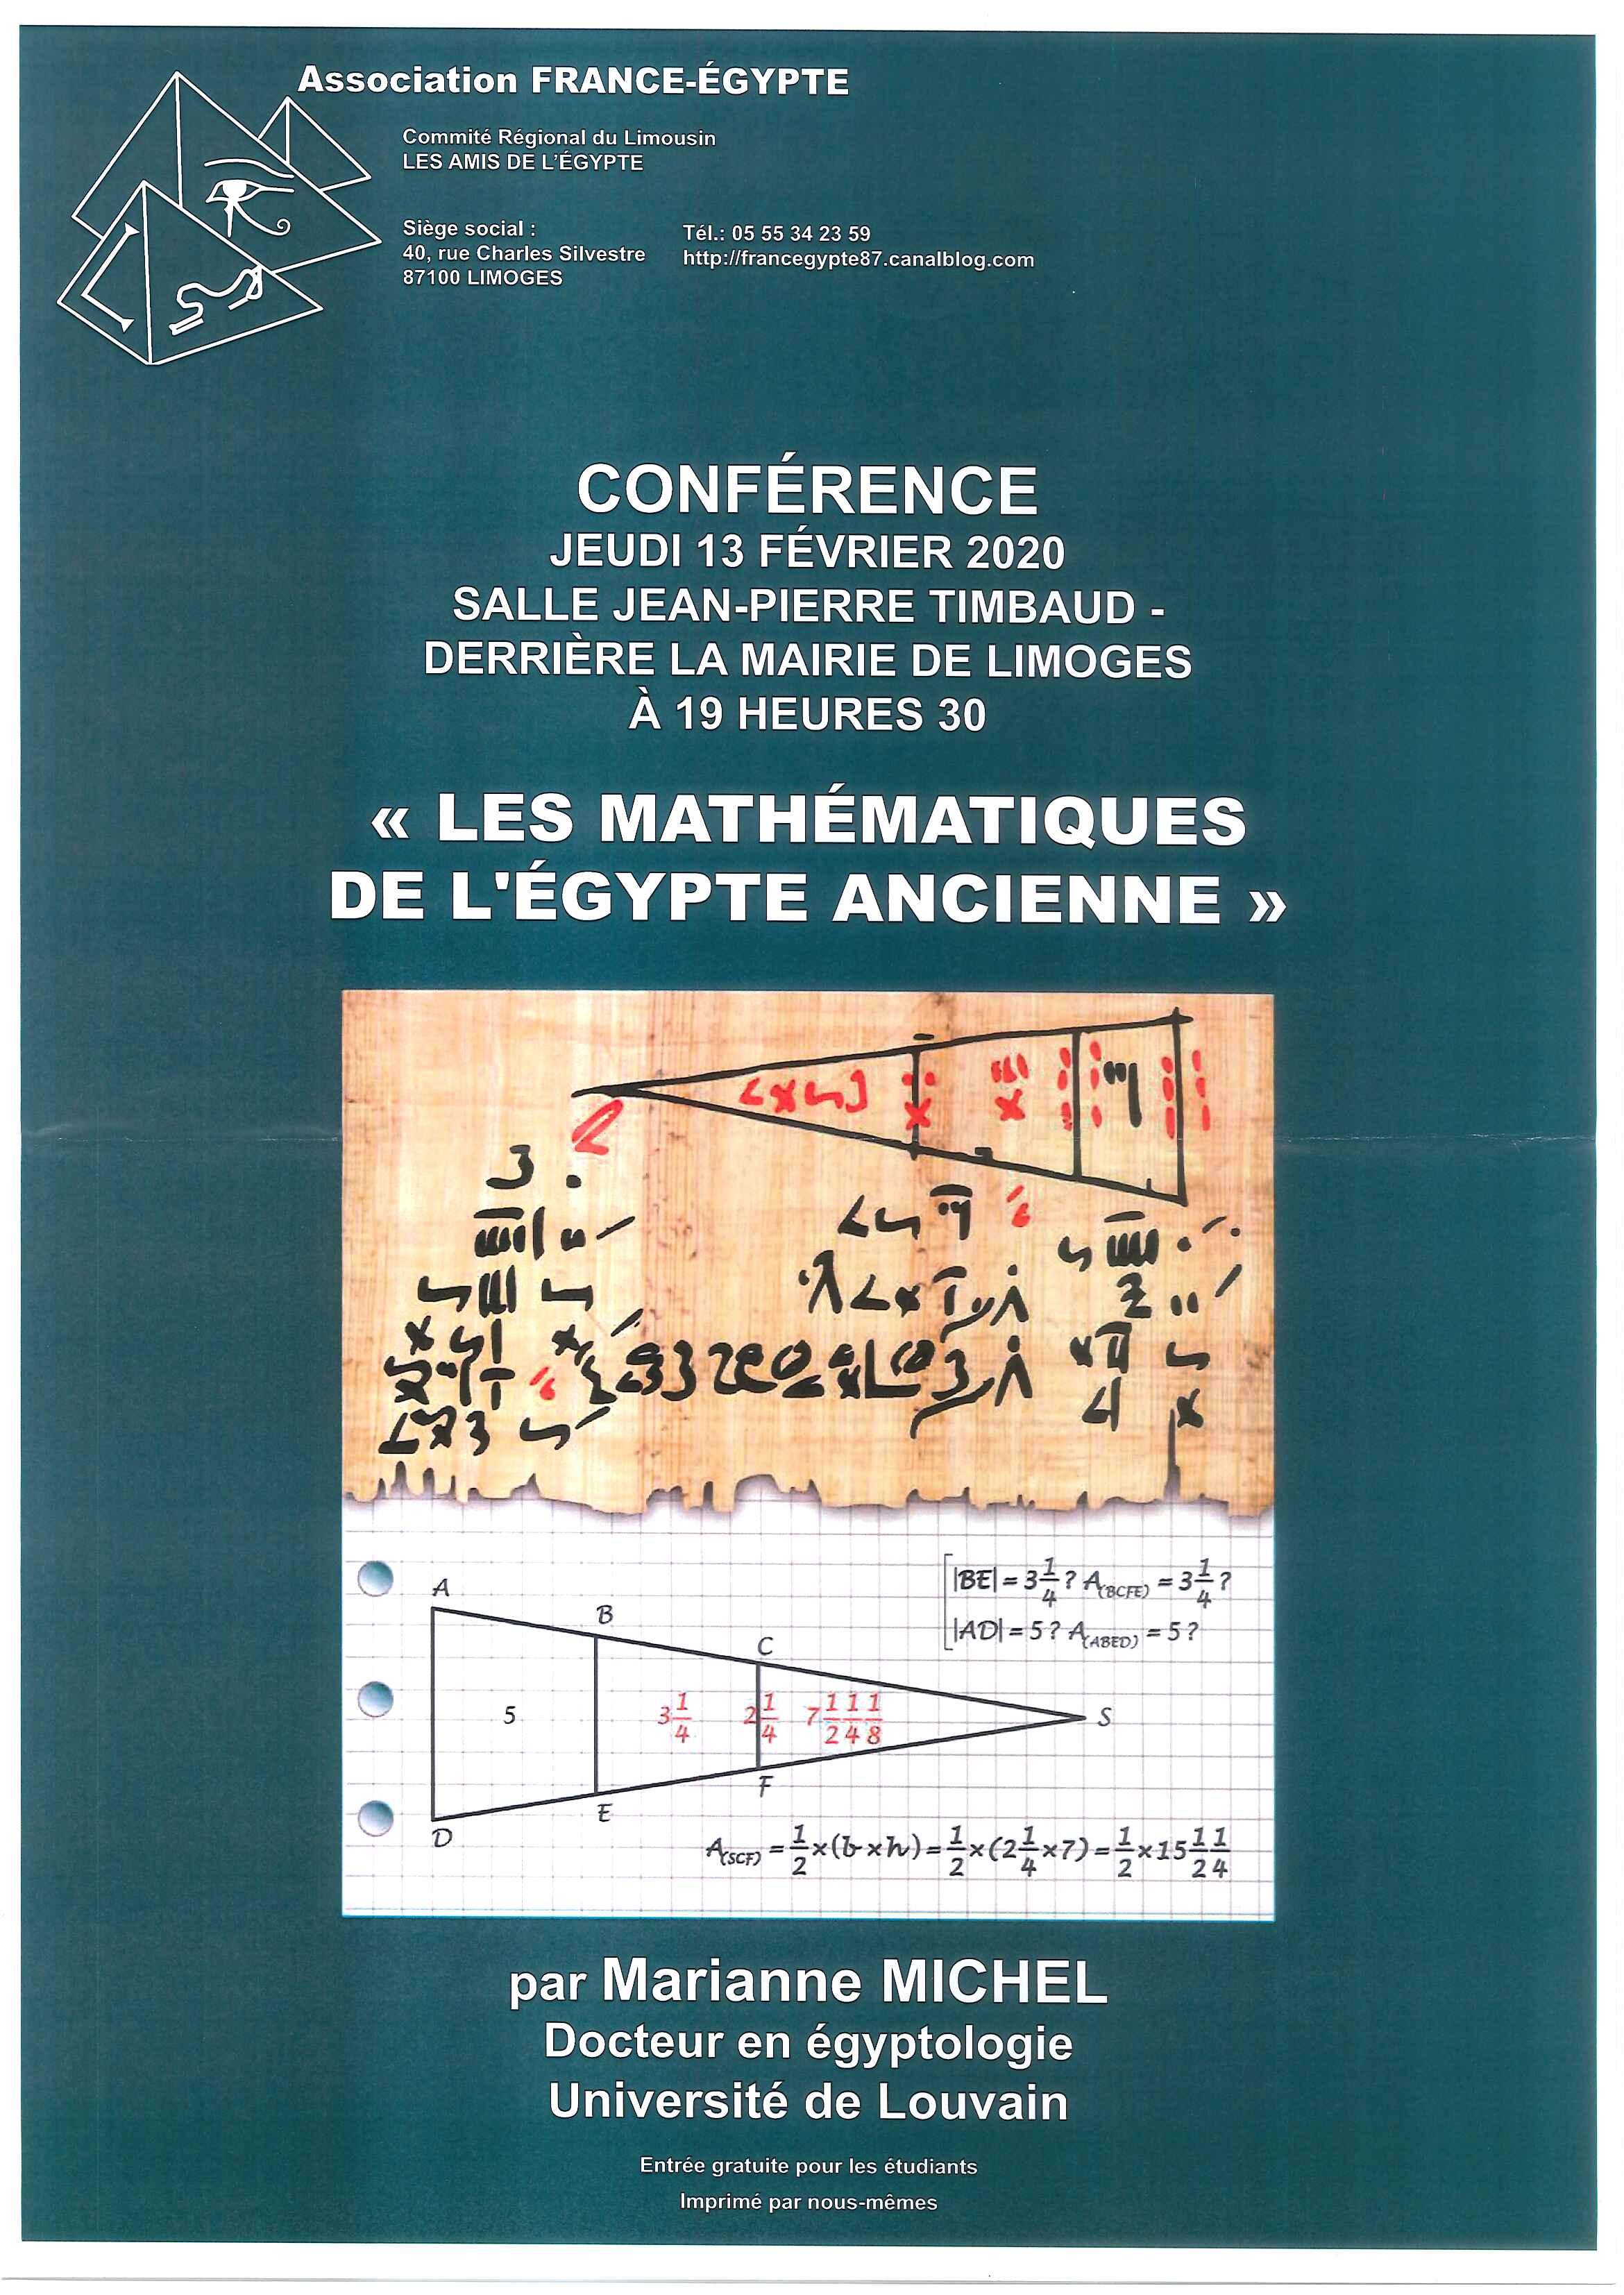 Limoges : Les mathématiques de l'Egypte